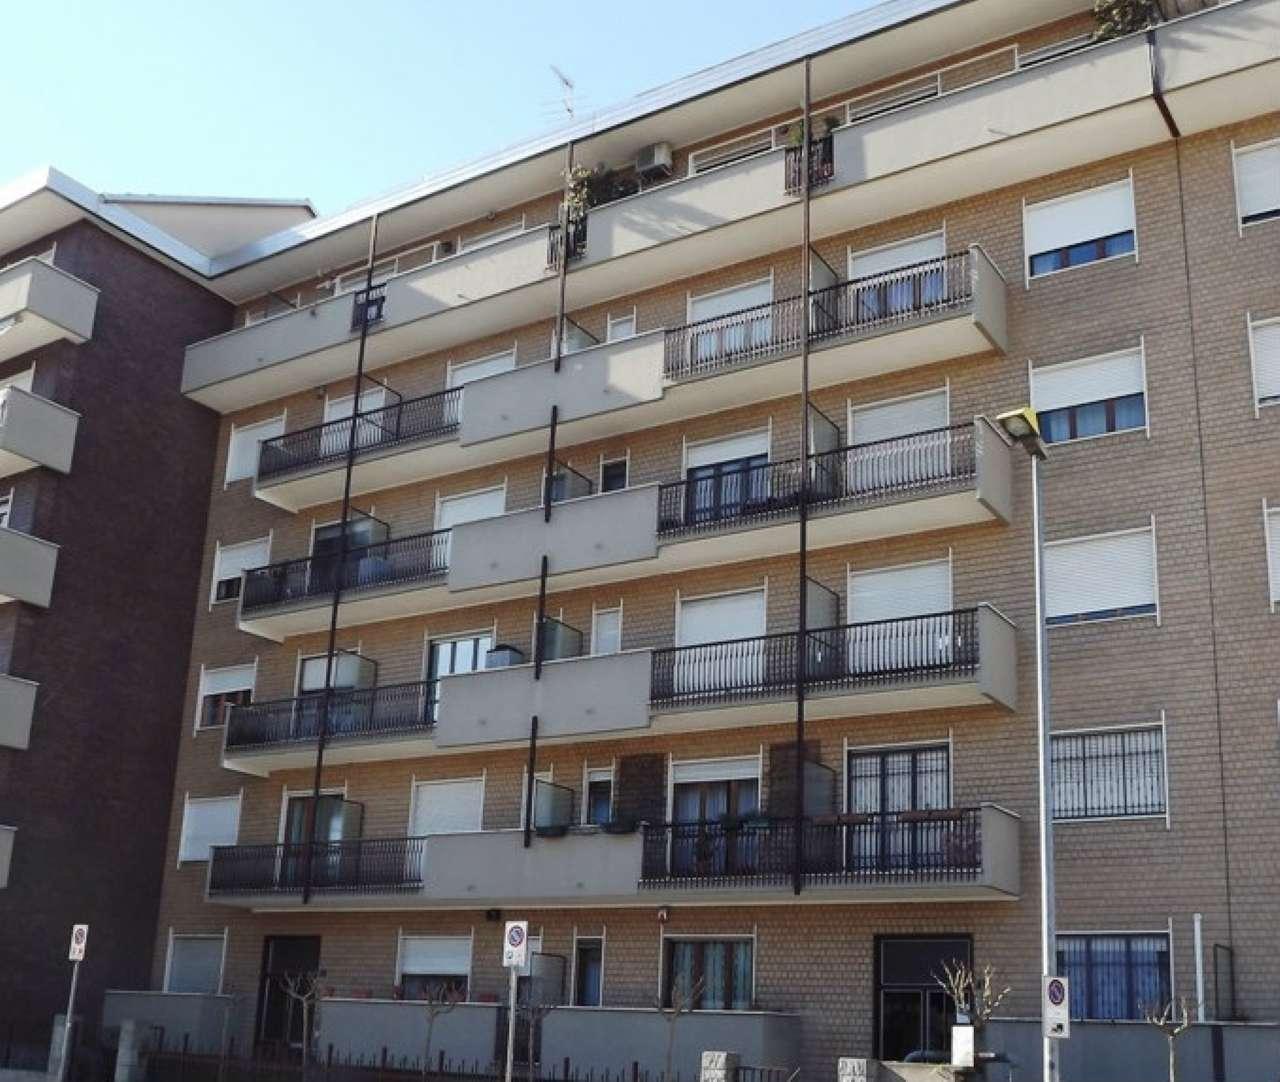 Appartamento in affitto a Moncalieri, 3 locali, prezzo € 550 | CambioCasa.it